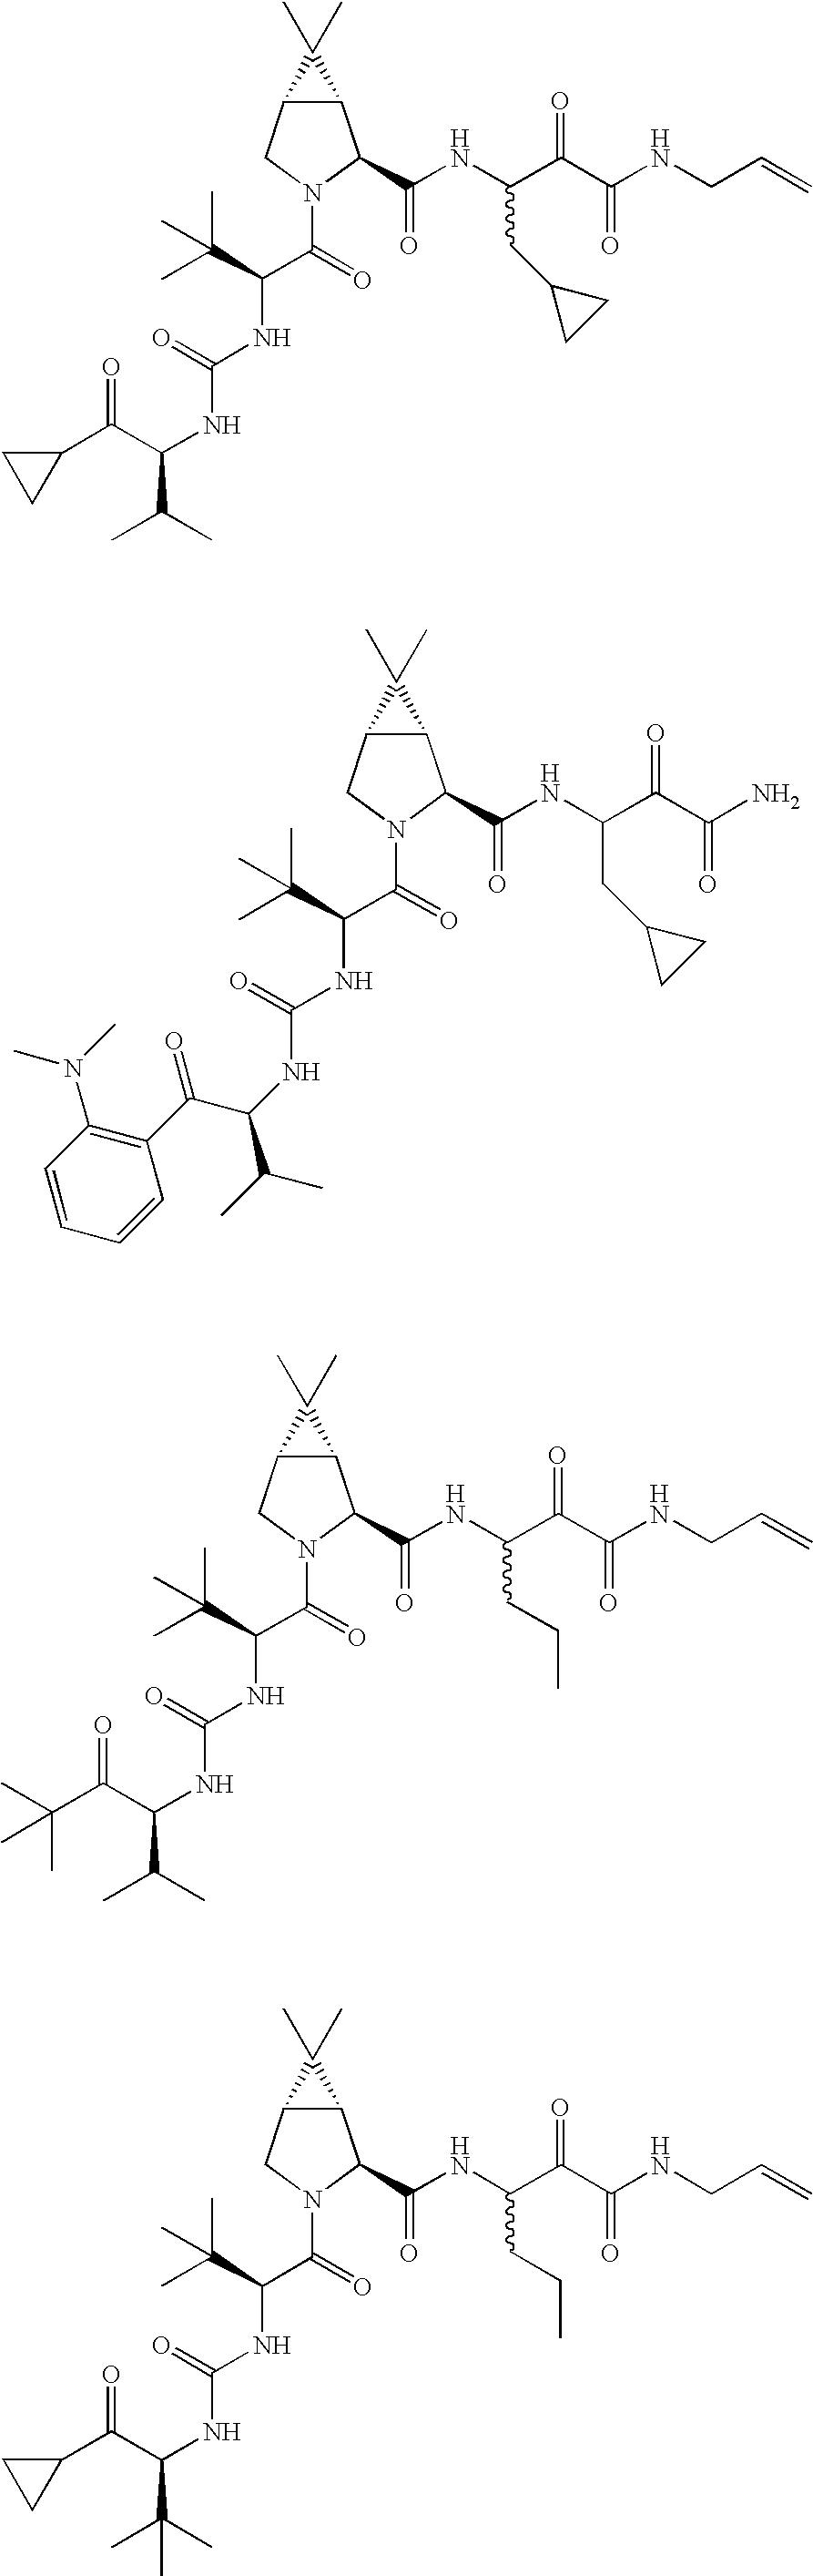 Figure US20060287248A1-20061221-C00239